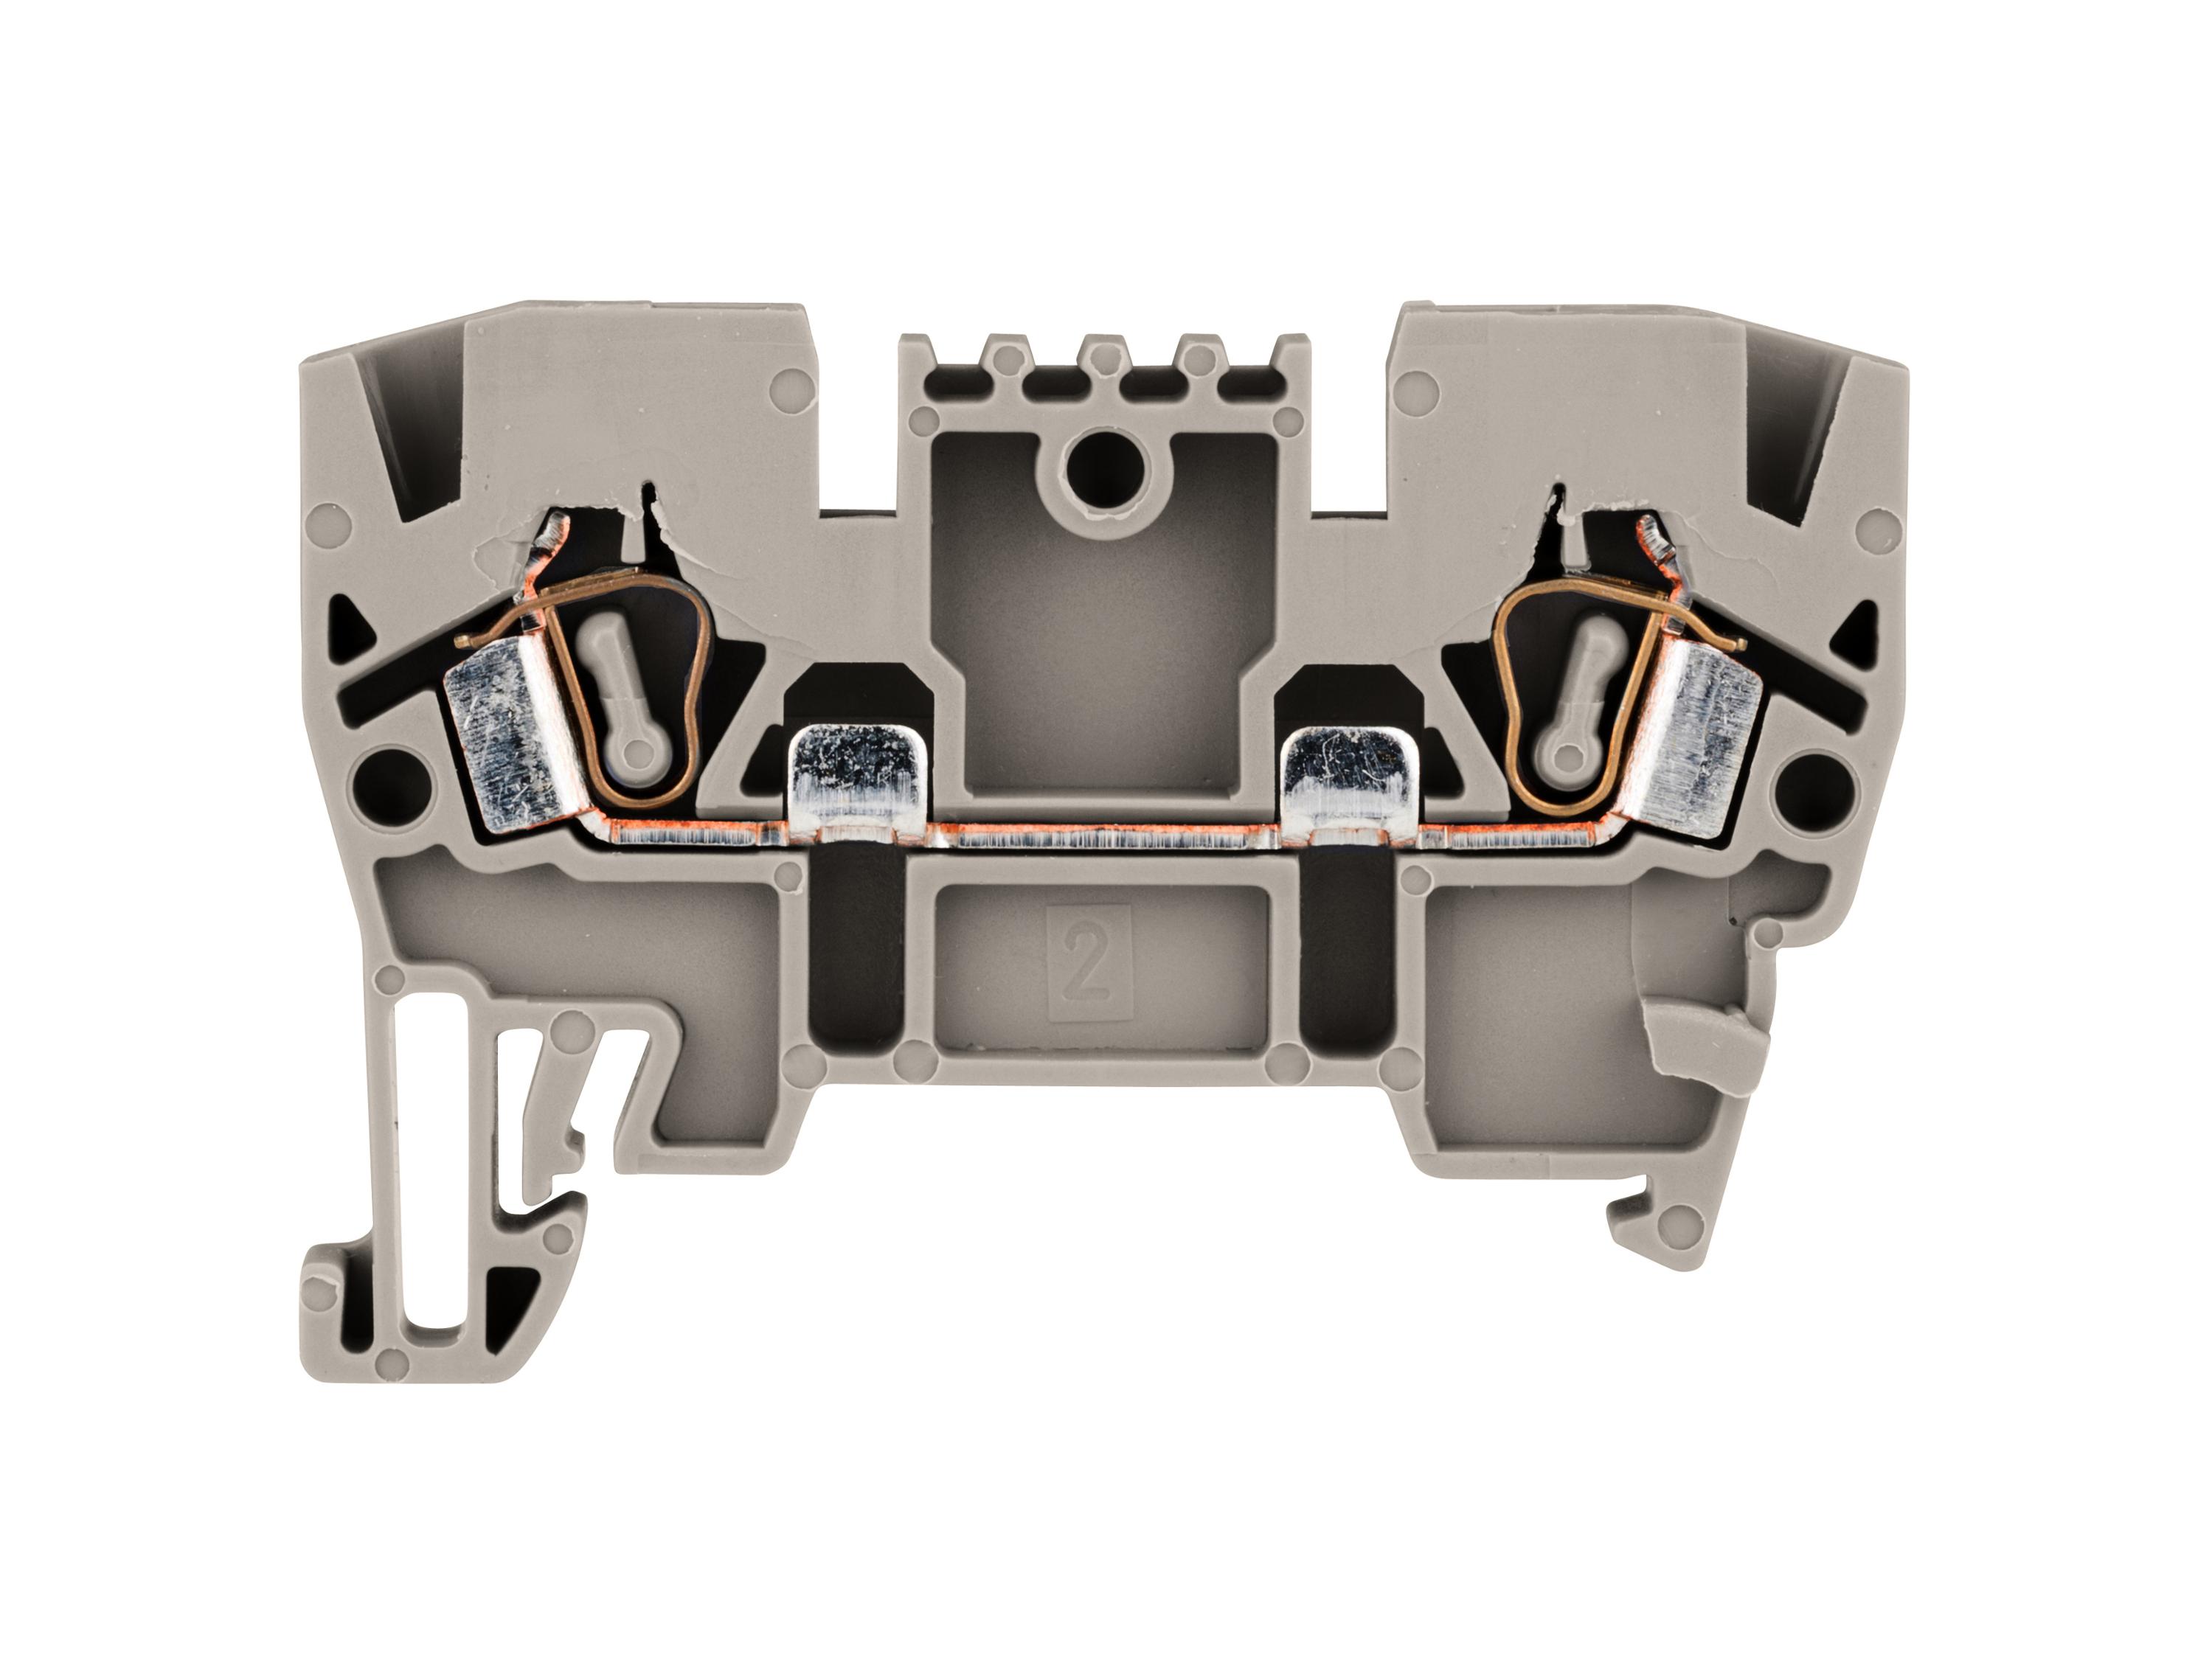 1 Stk Federkraftklemme Type YBK 2,5mm², grau IK610002--